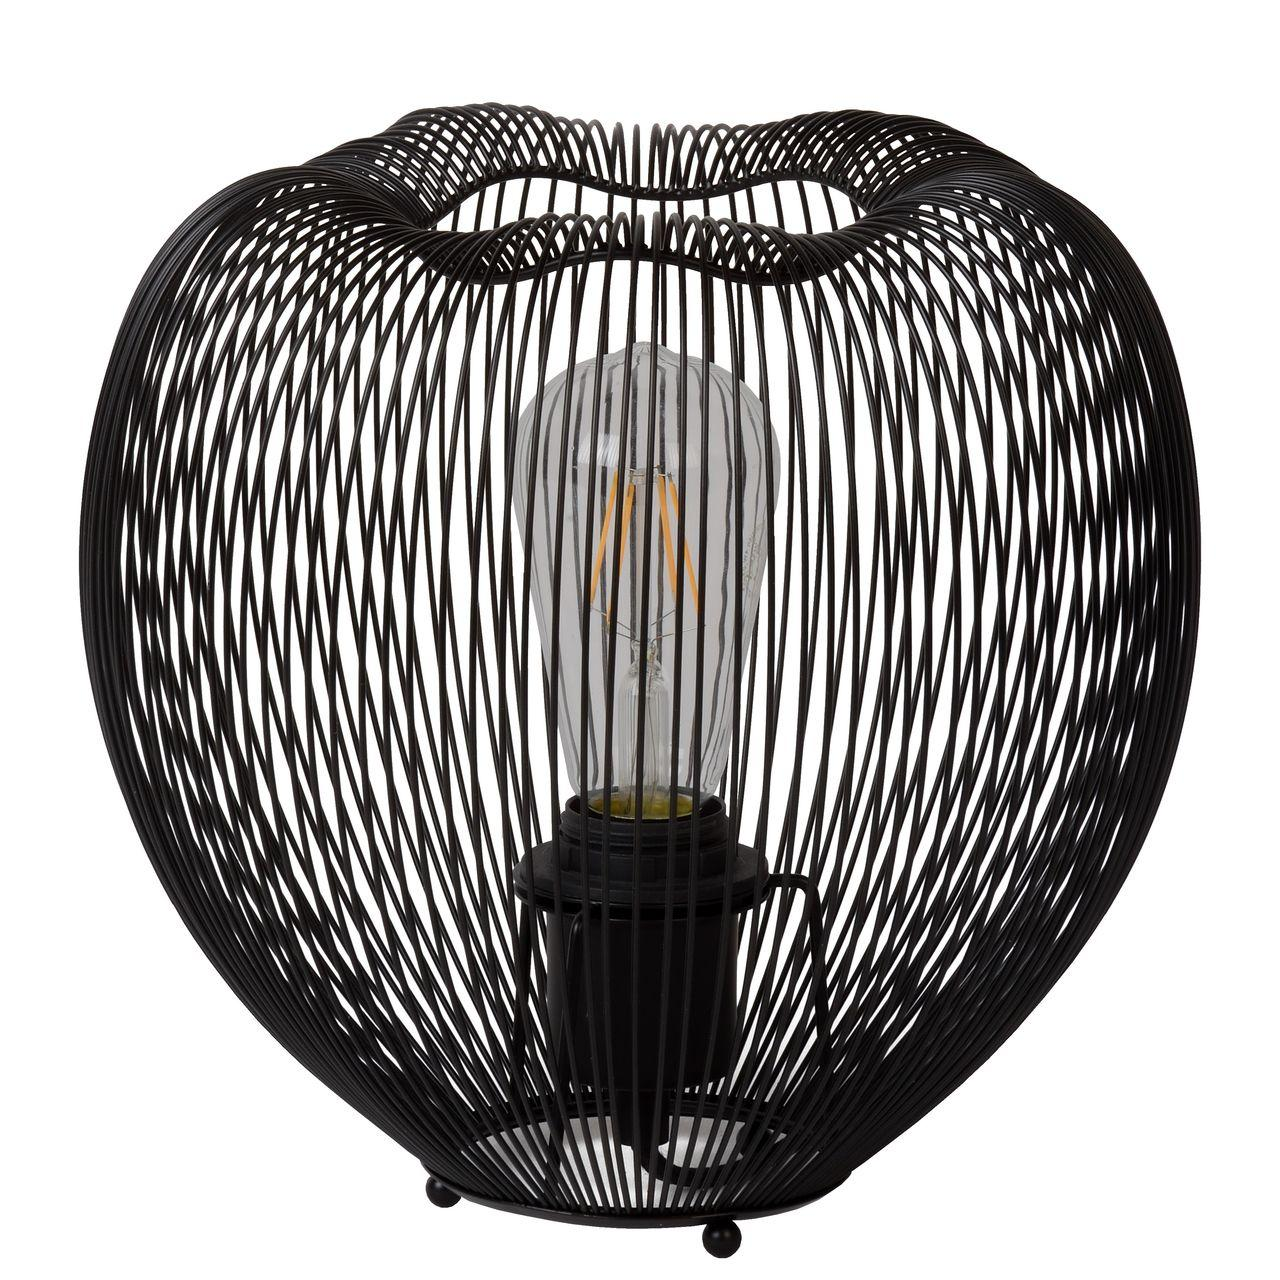 Настольная лампа Lucide Wirio 20501/25/30 wirio 20501 35 17 lucide 1155105